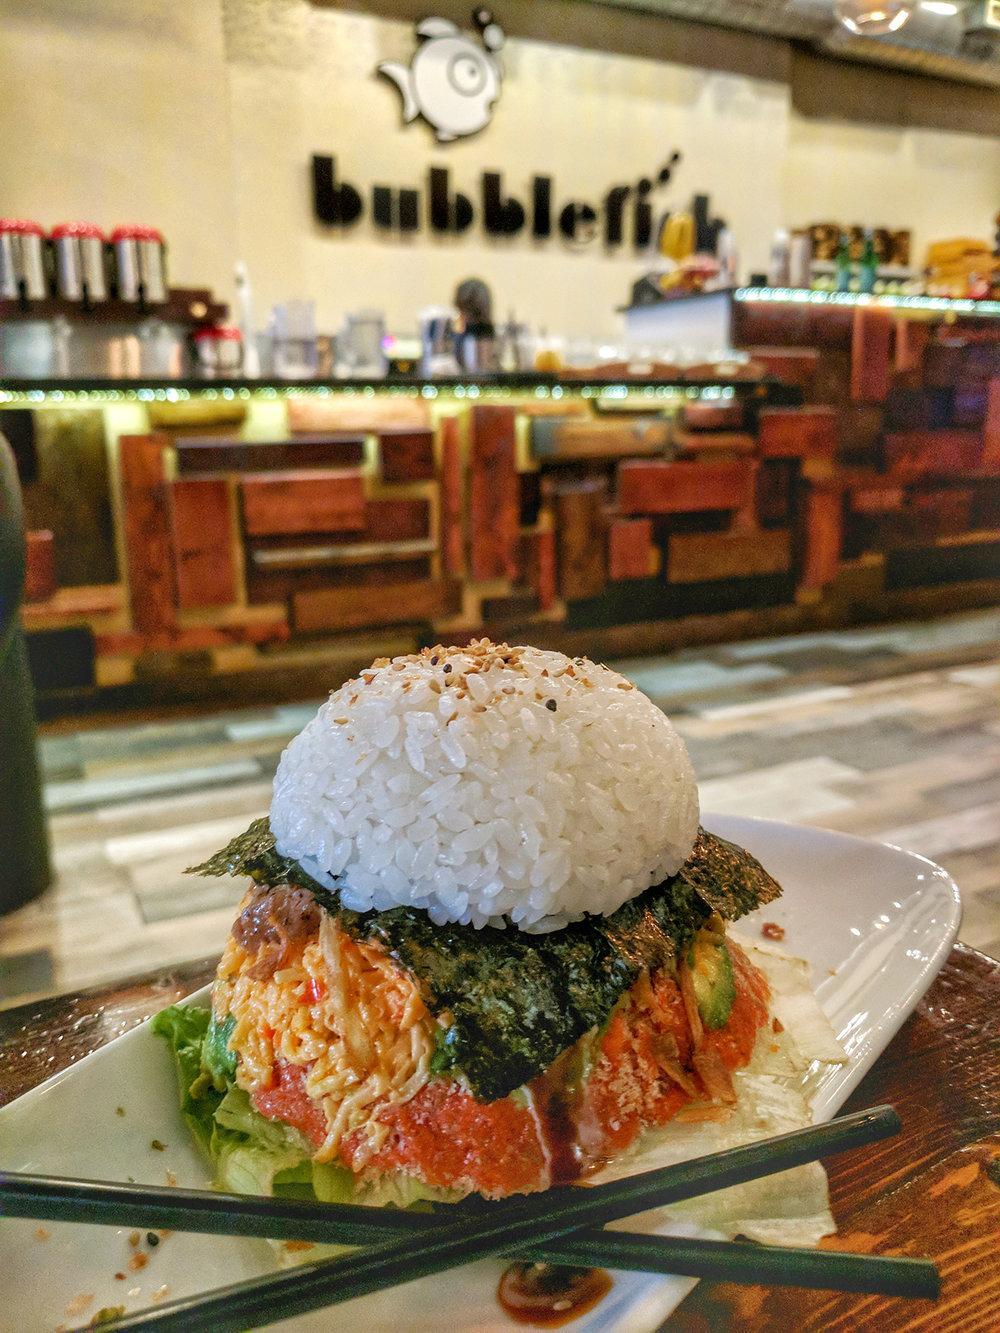 Bubblefish-sushi-burger.jpg